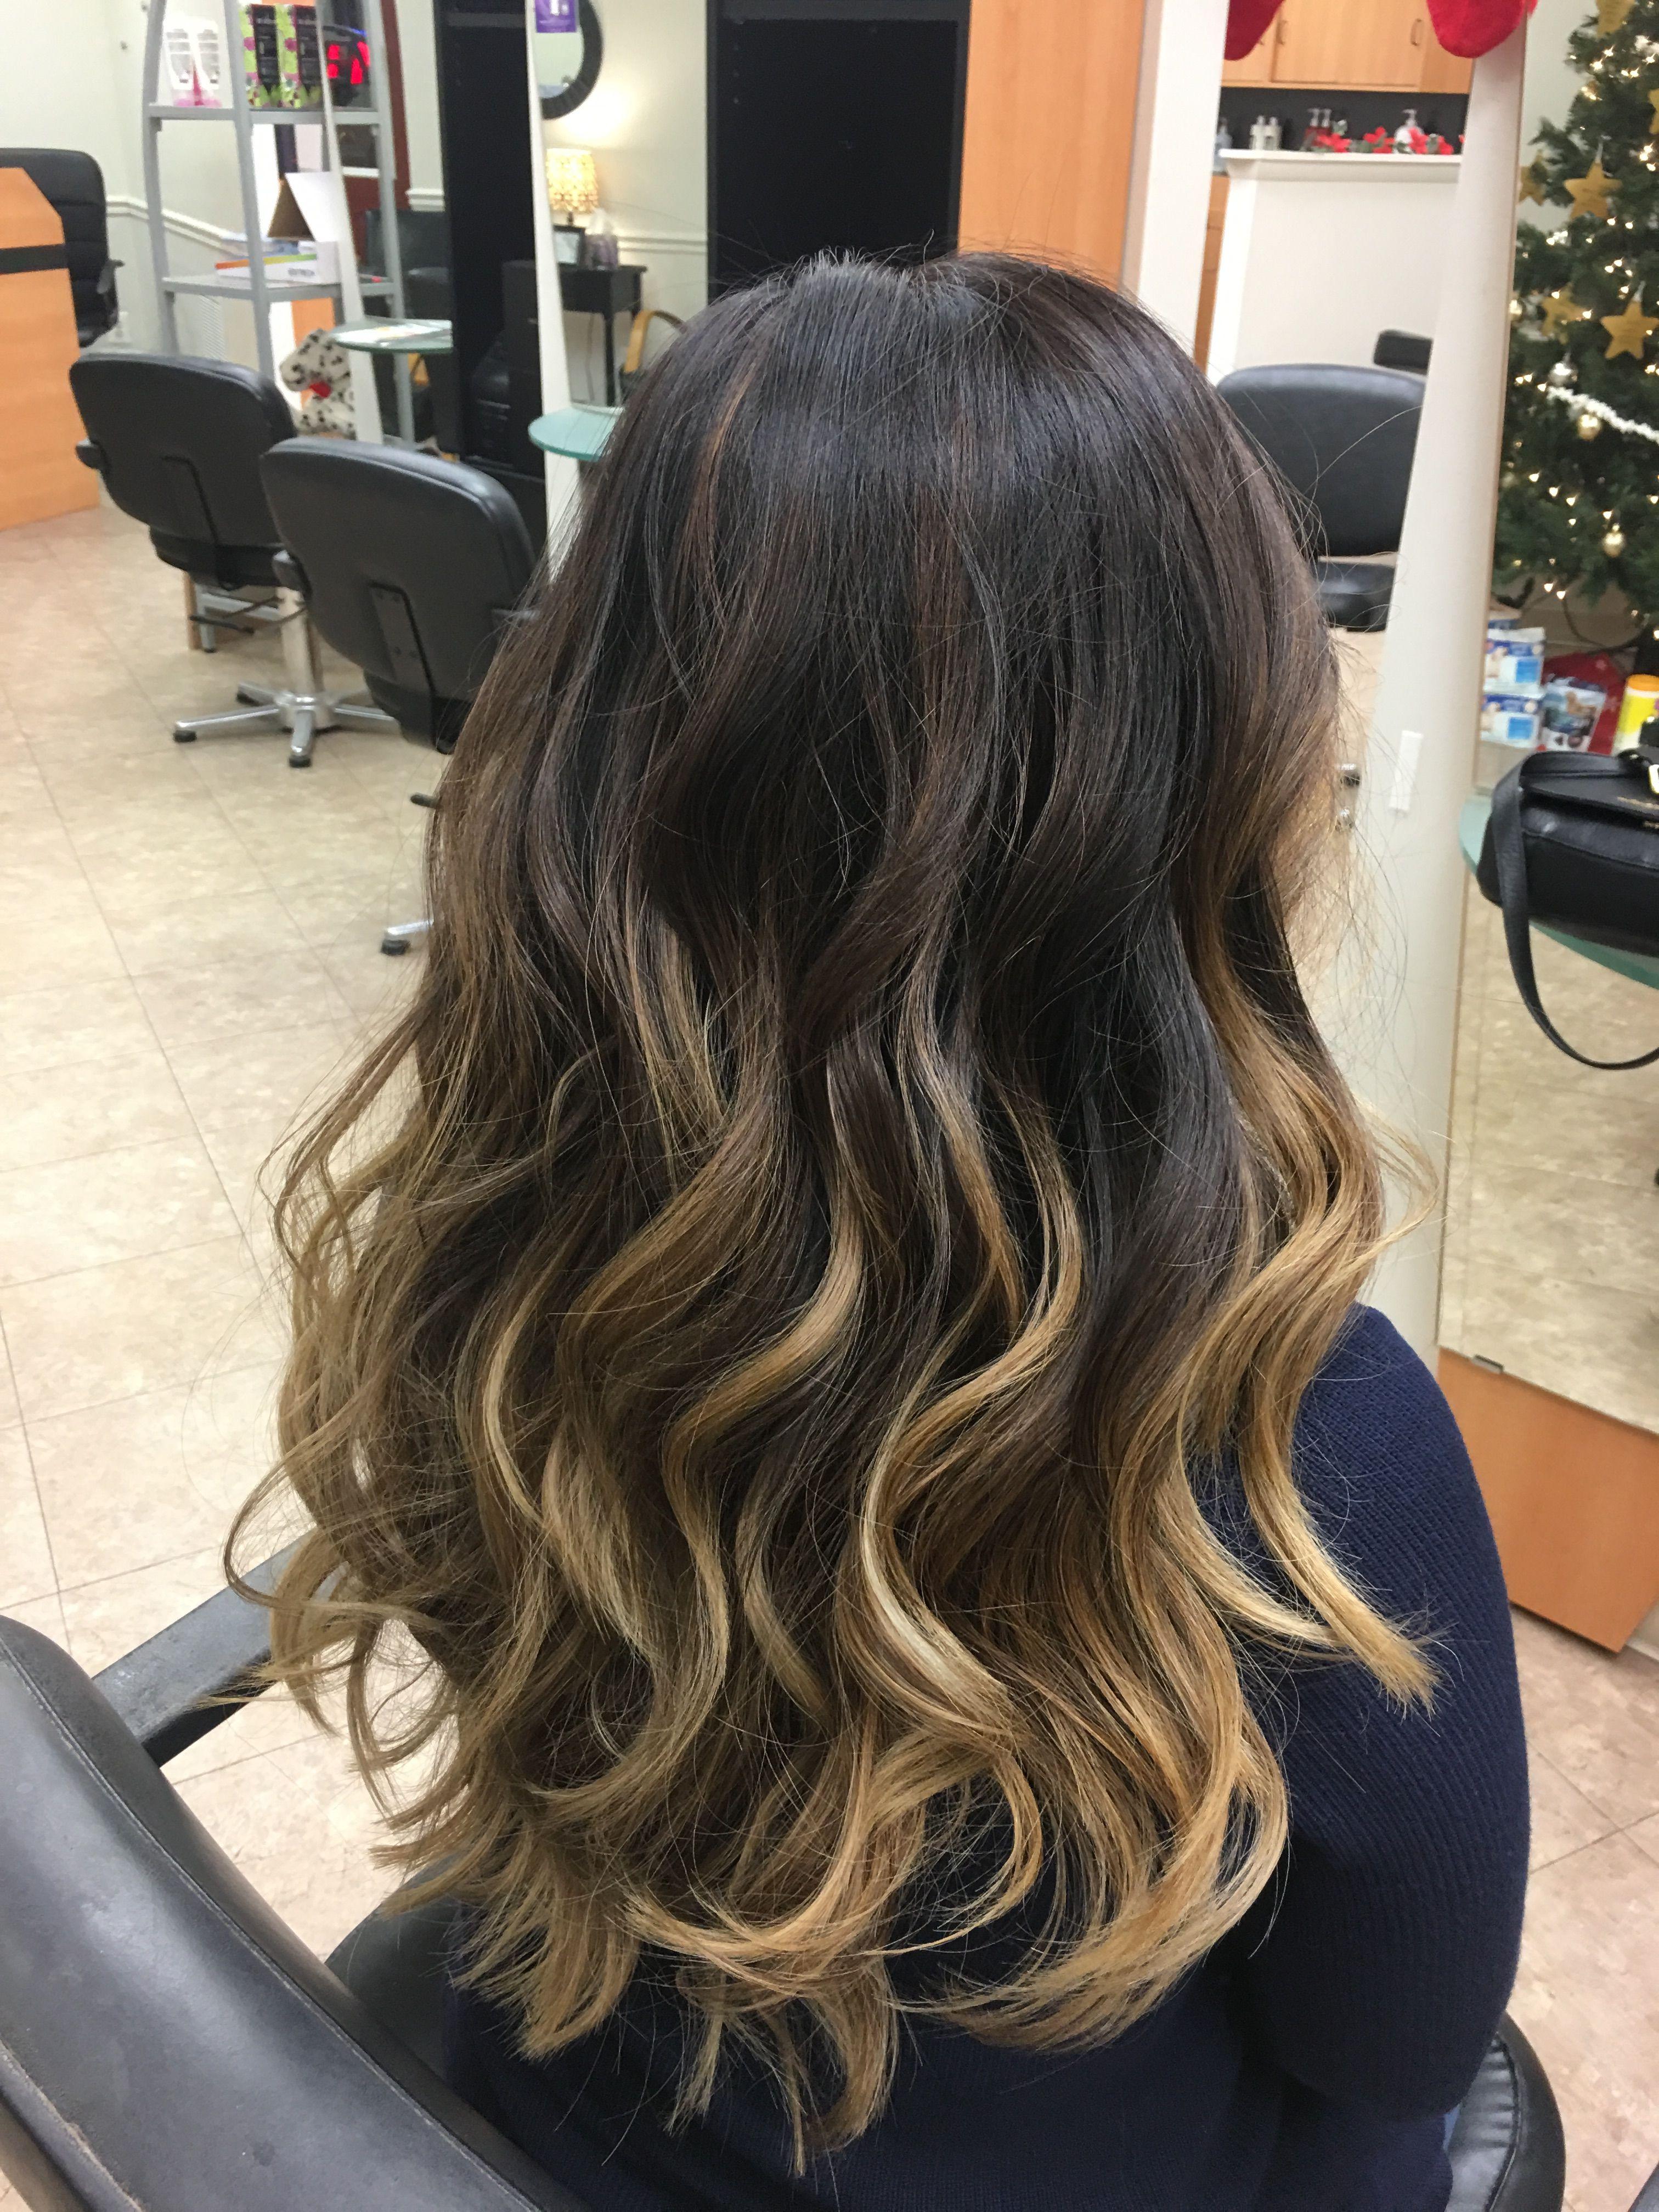 Balayage Long Dark Hair Styles Hair Styles Balayage Hair Long Hair Color